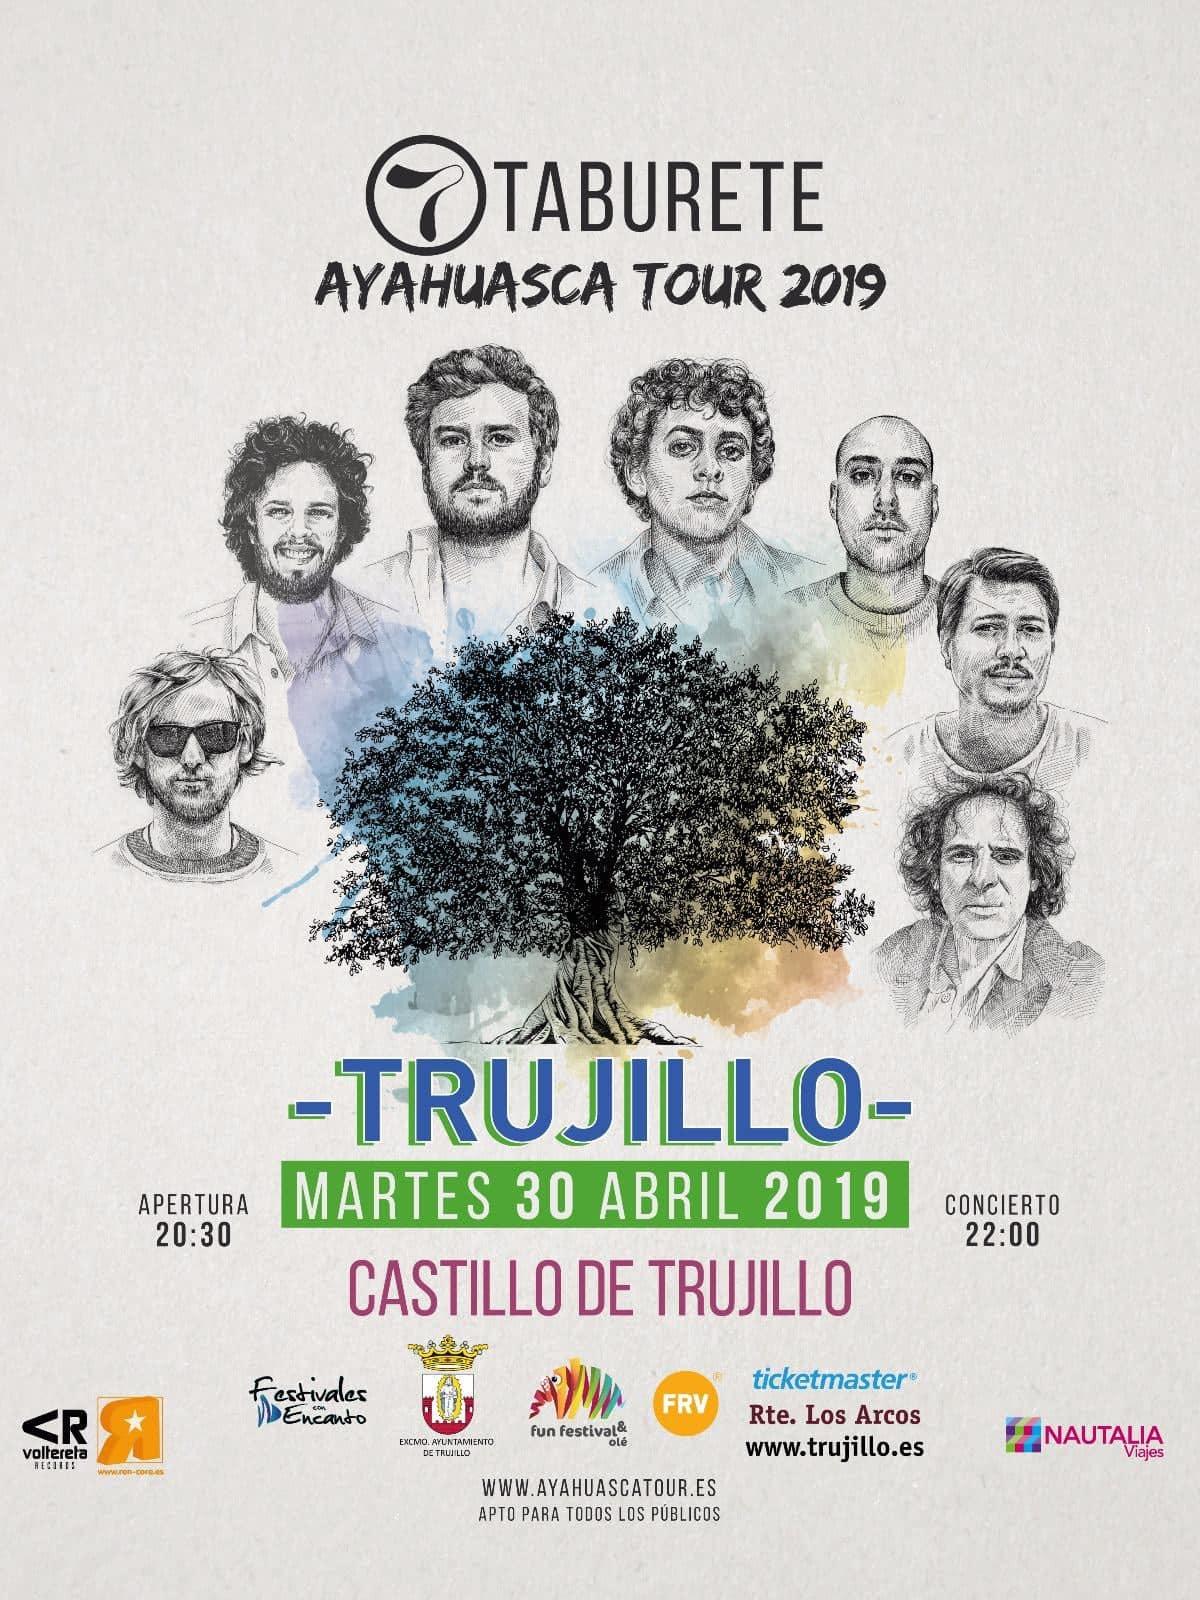 Concierto Taburete 2019 - Trujillo (Cáceres)